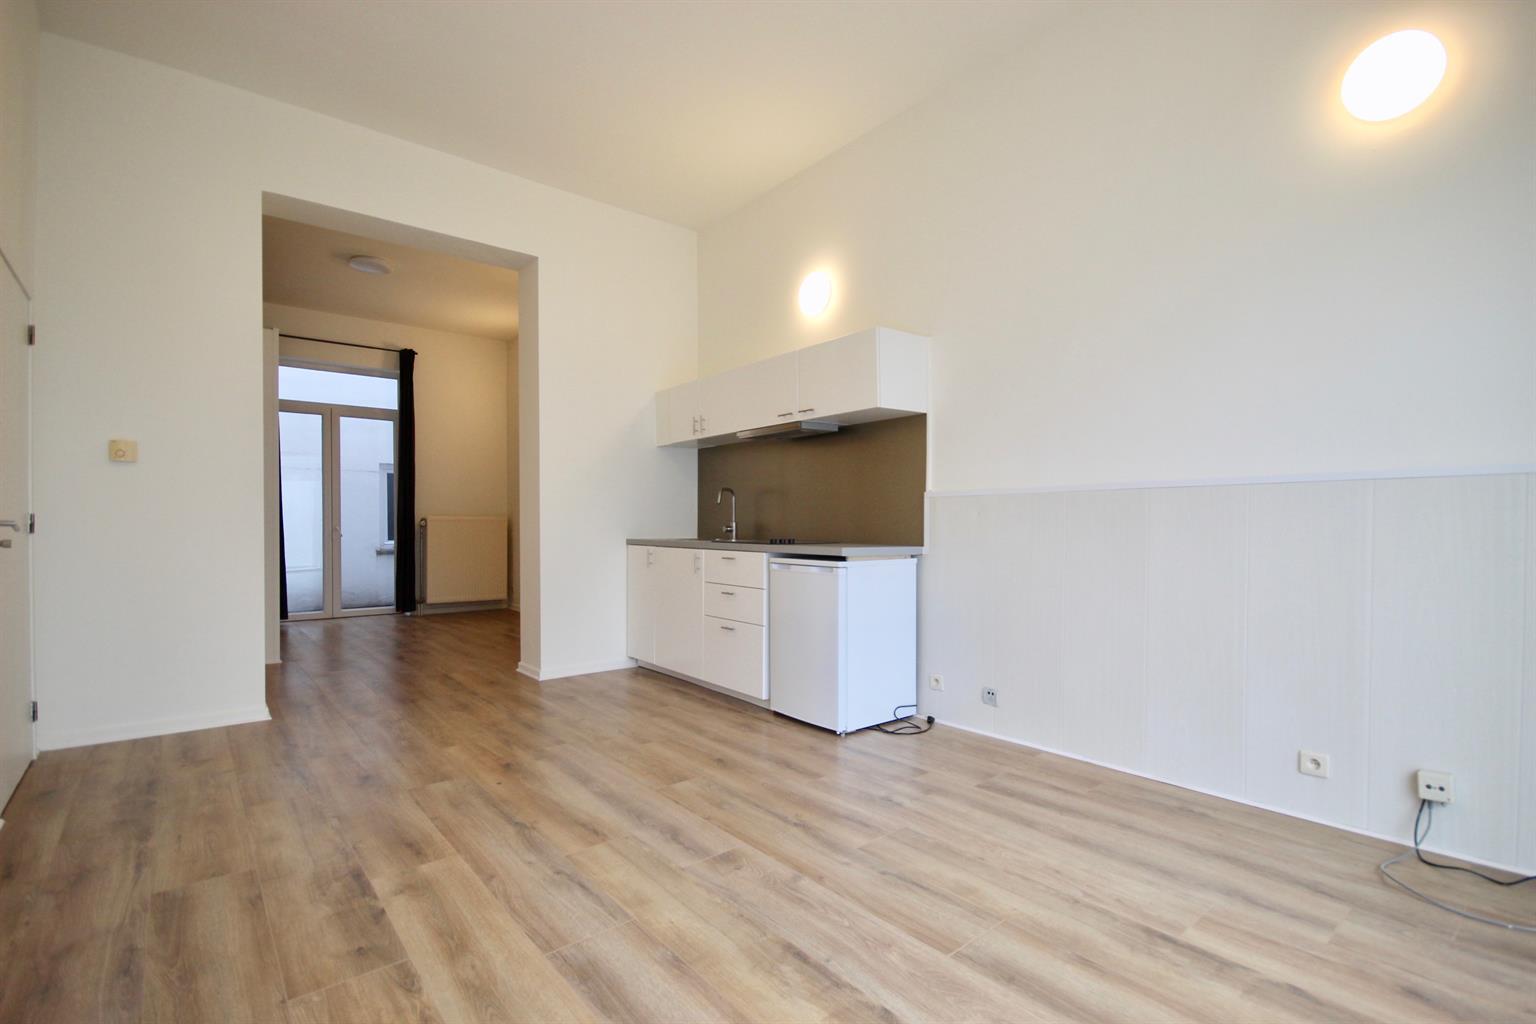 Appartement - Berchem-Sainte-Agathe - #4311497-0